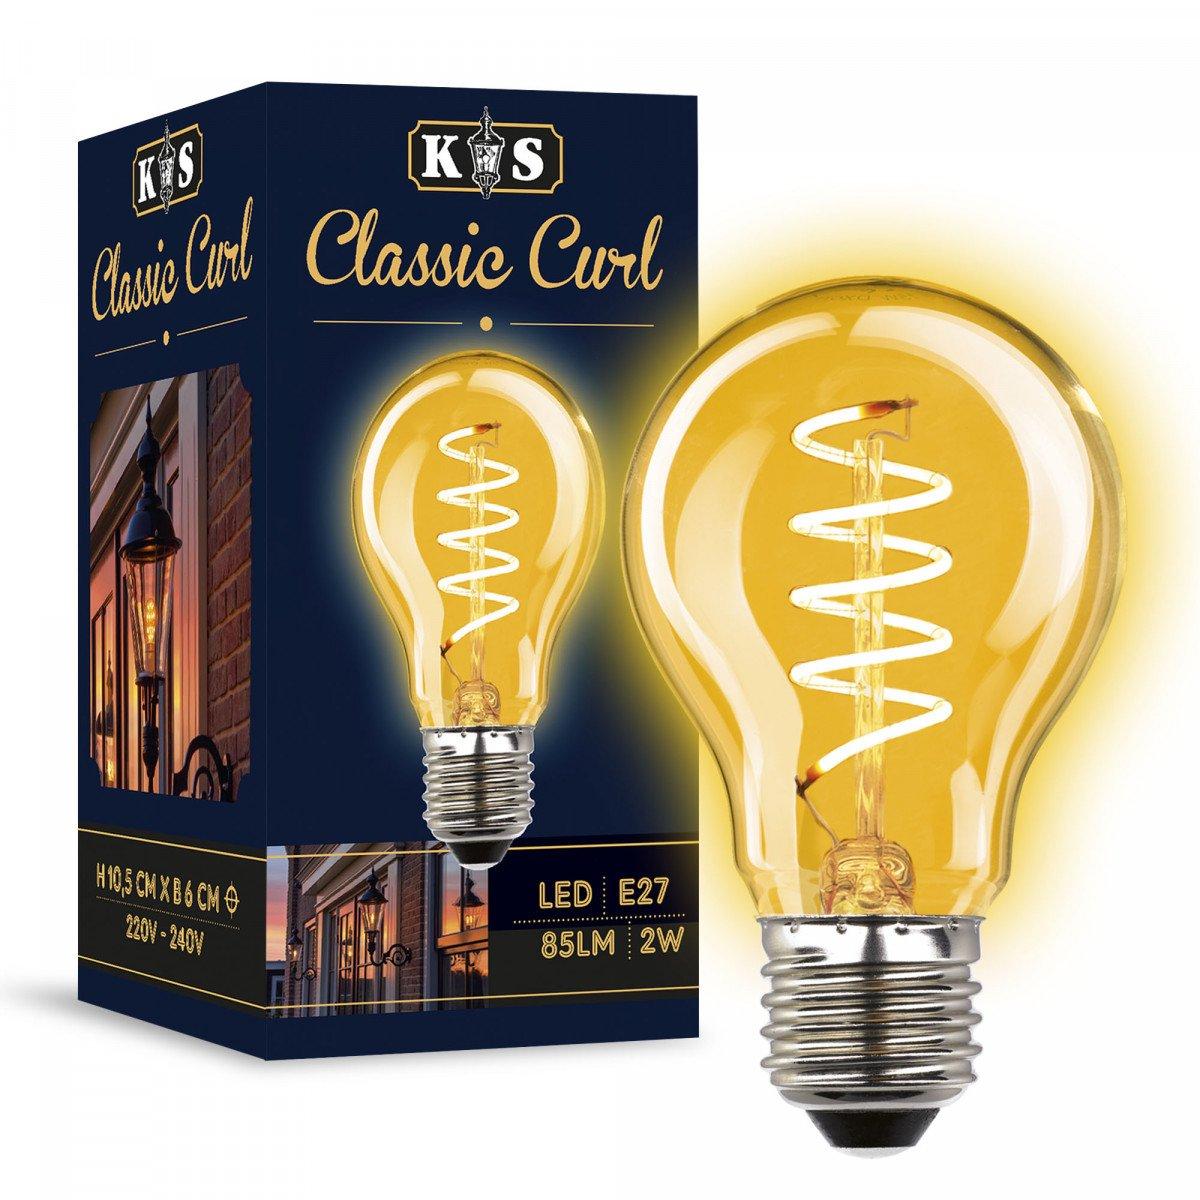 Ledlamp KS Classic Curl- 2 Watt - 85 Lumen